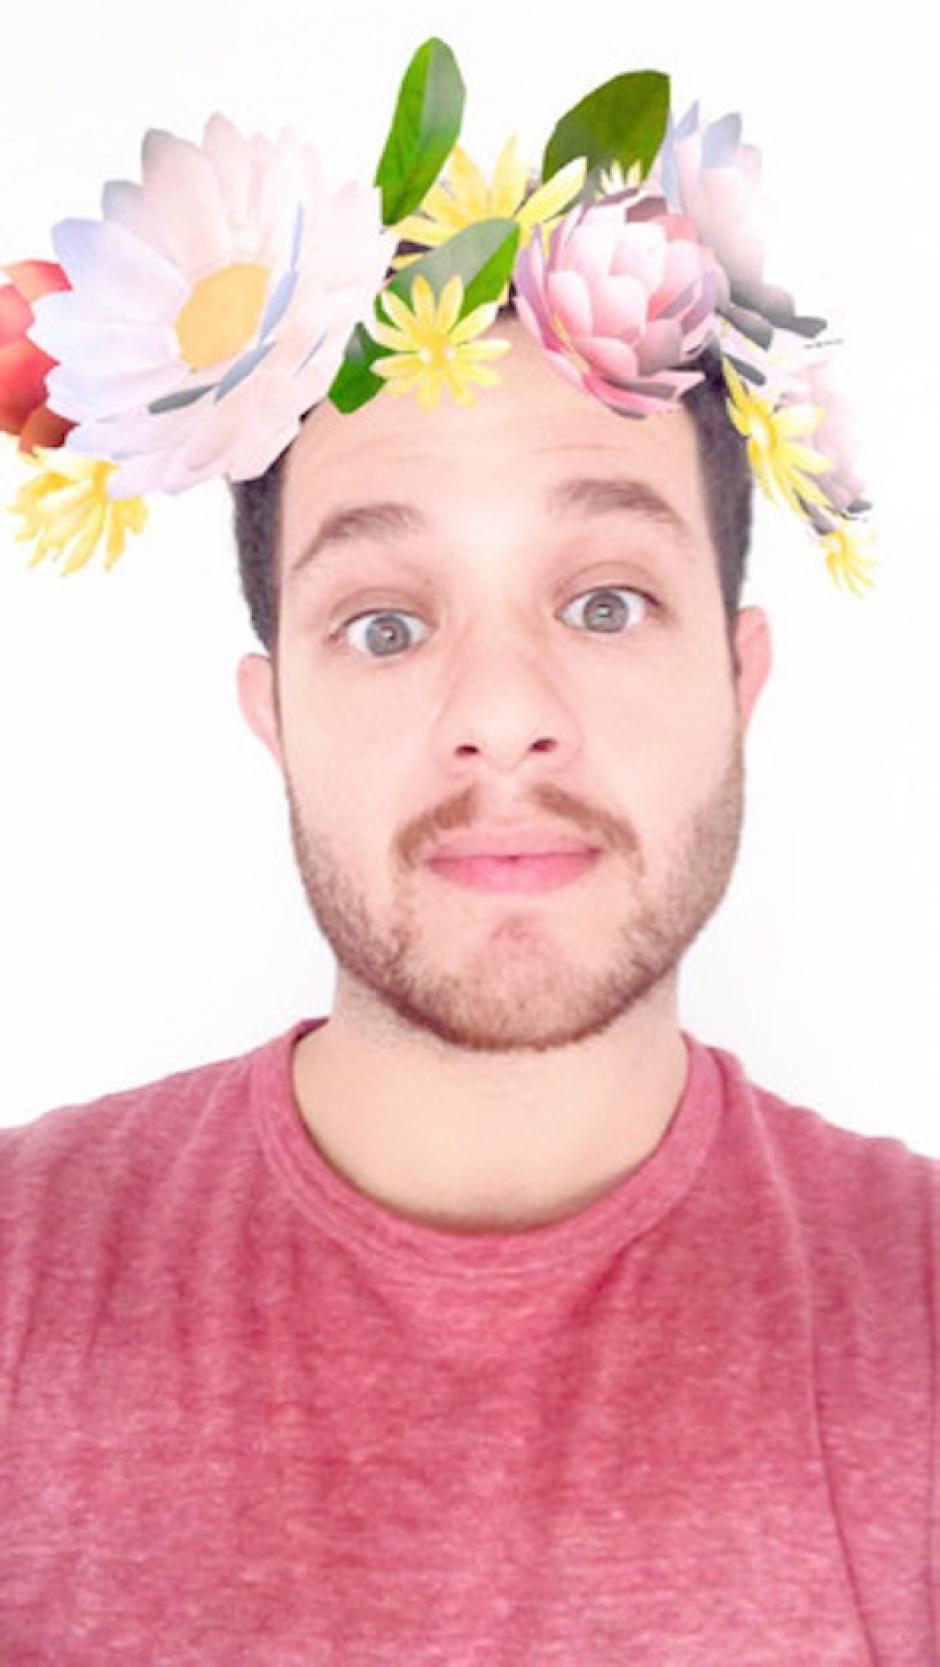 Corona de flores. (Foto: Markosmos/Snapchat)